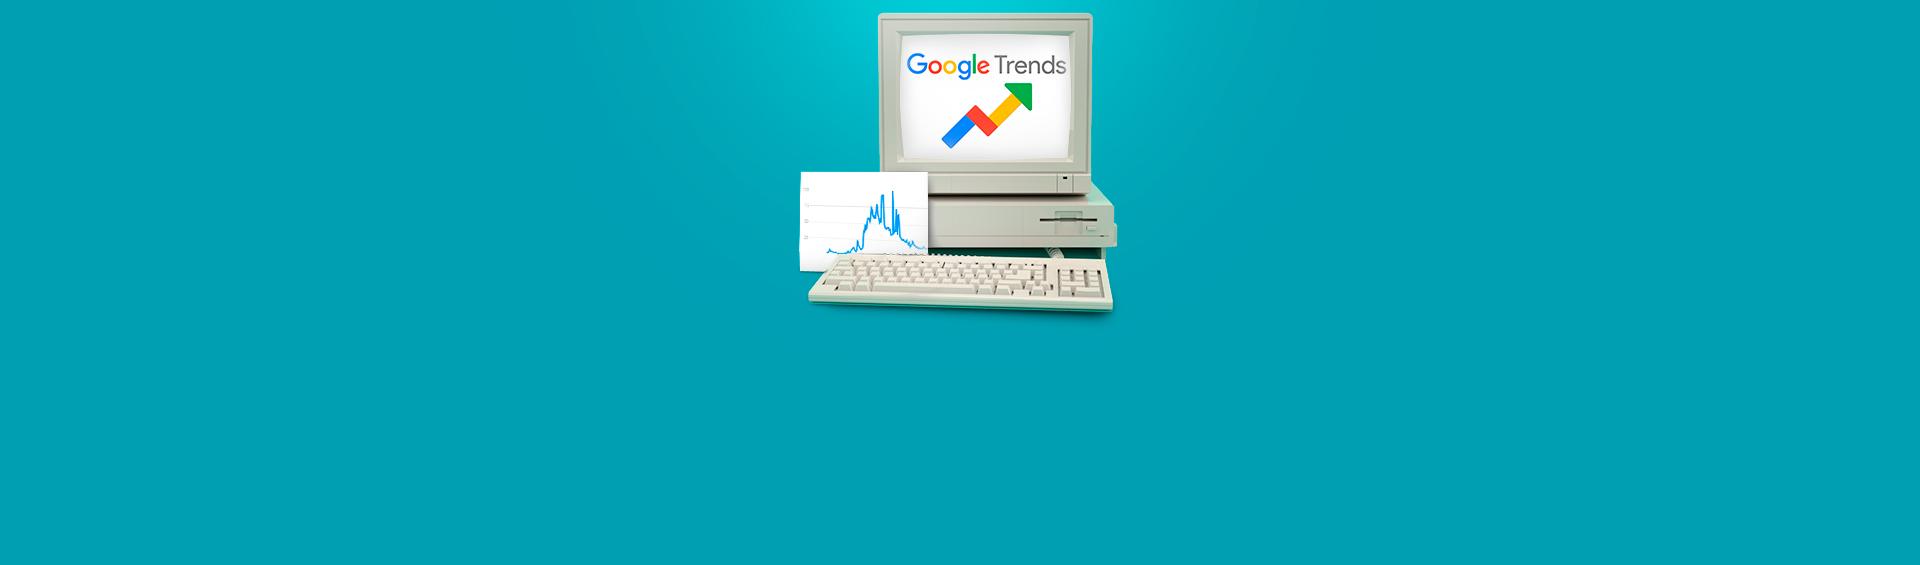 Какпользоваться Google Trends. Полное руководство дляновичков